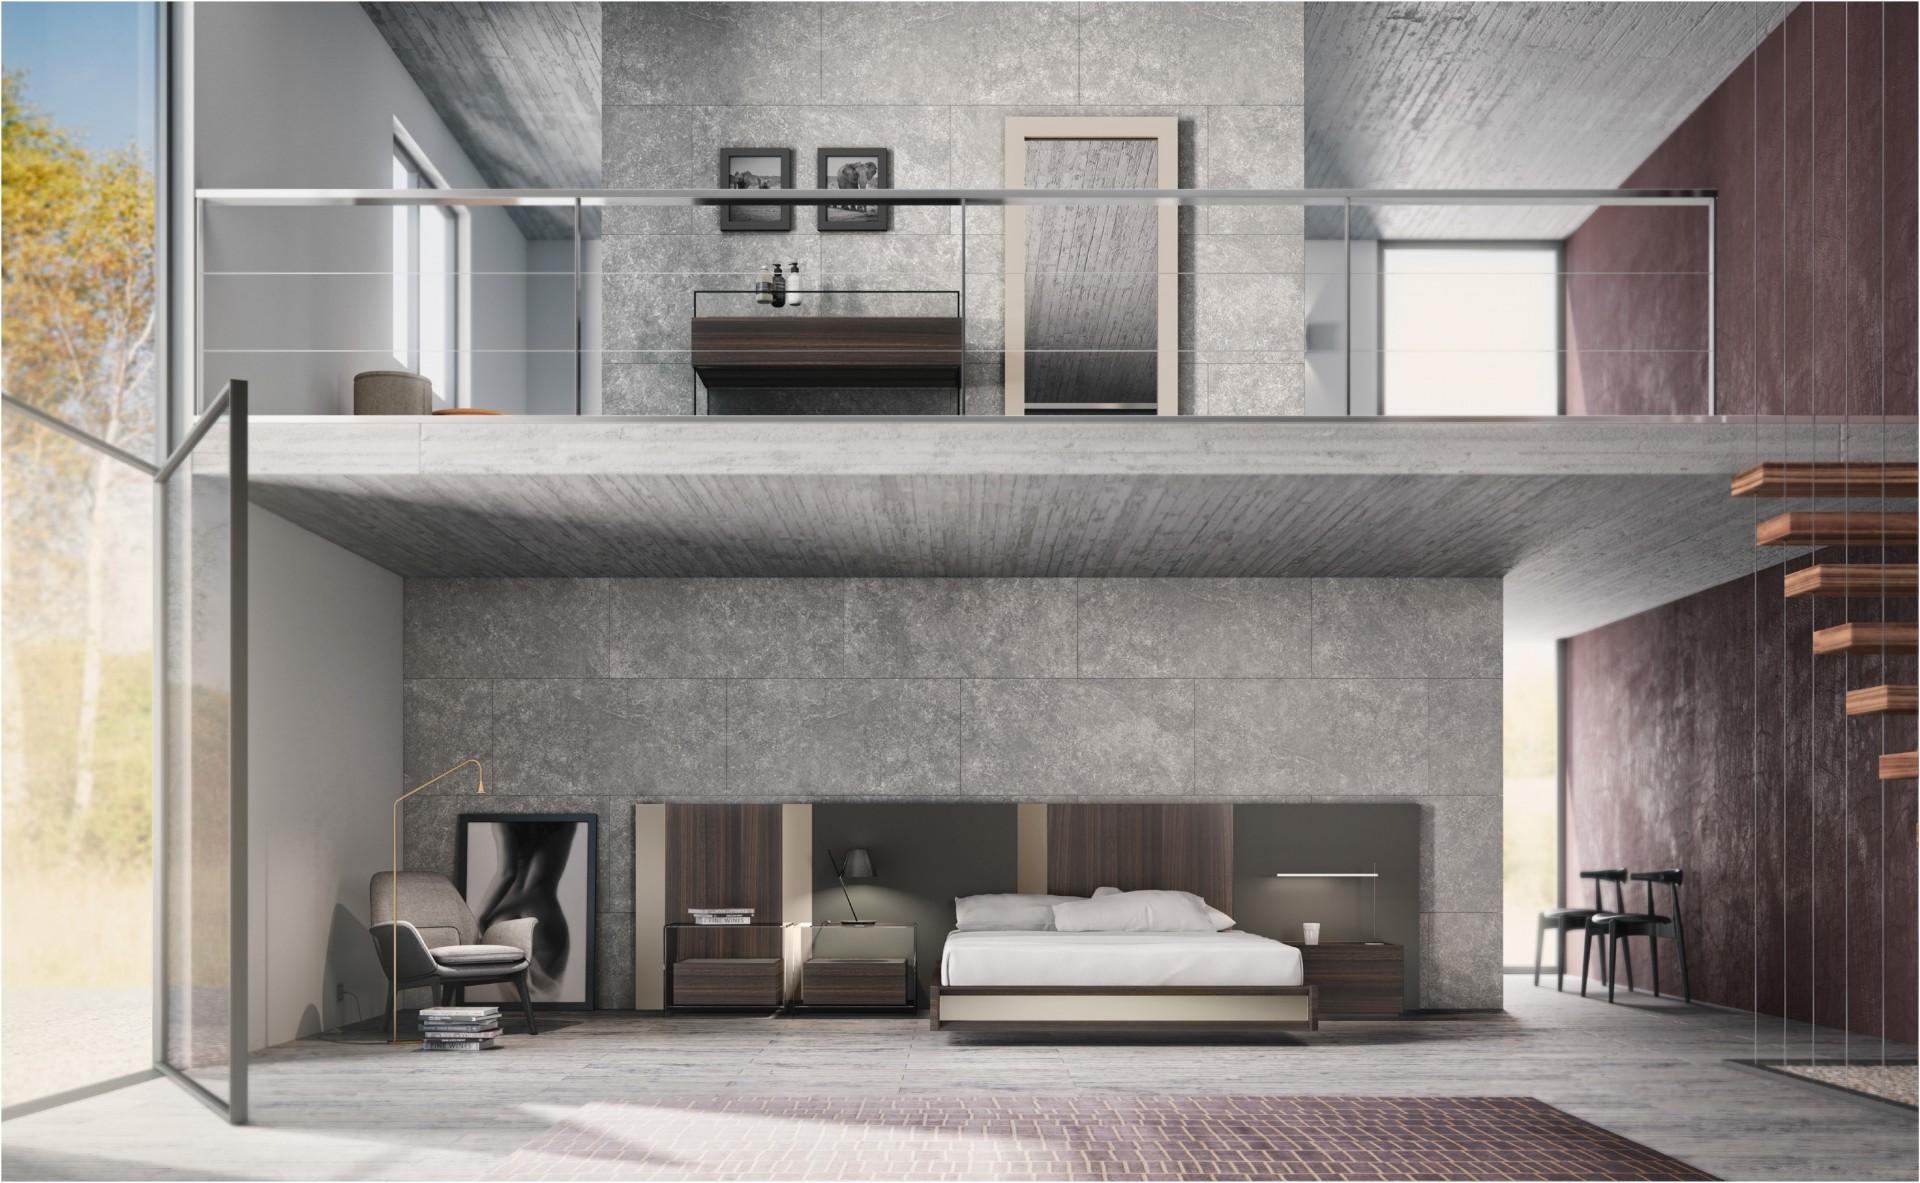 Nueva colecci n dormitorios 2016 tendencias dise o for Dormitorios 2016